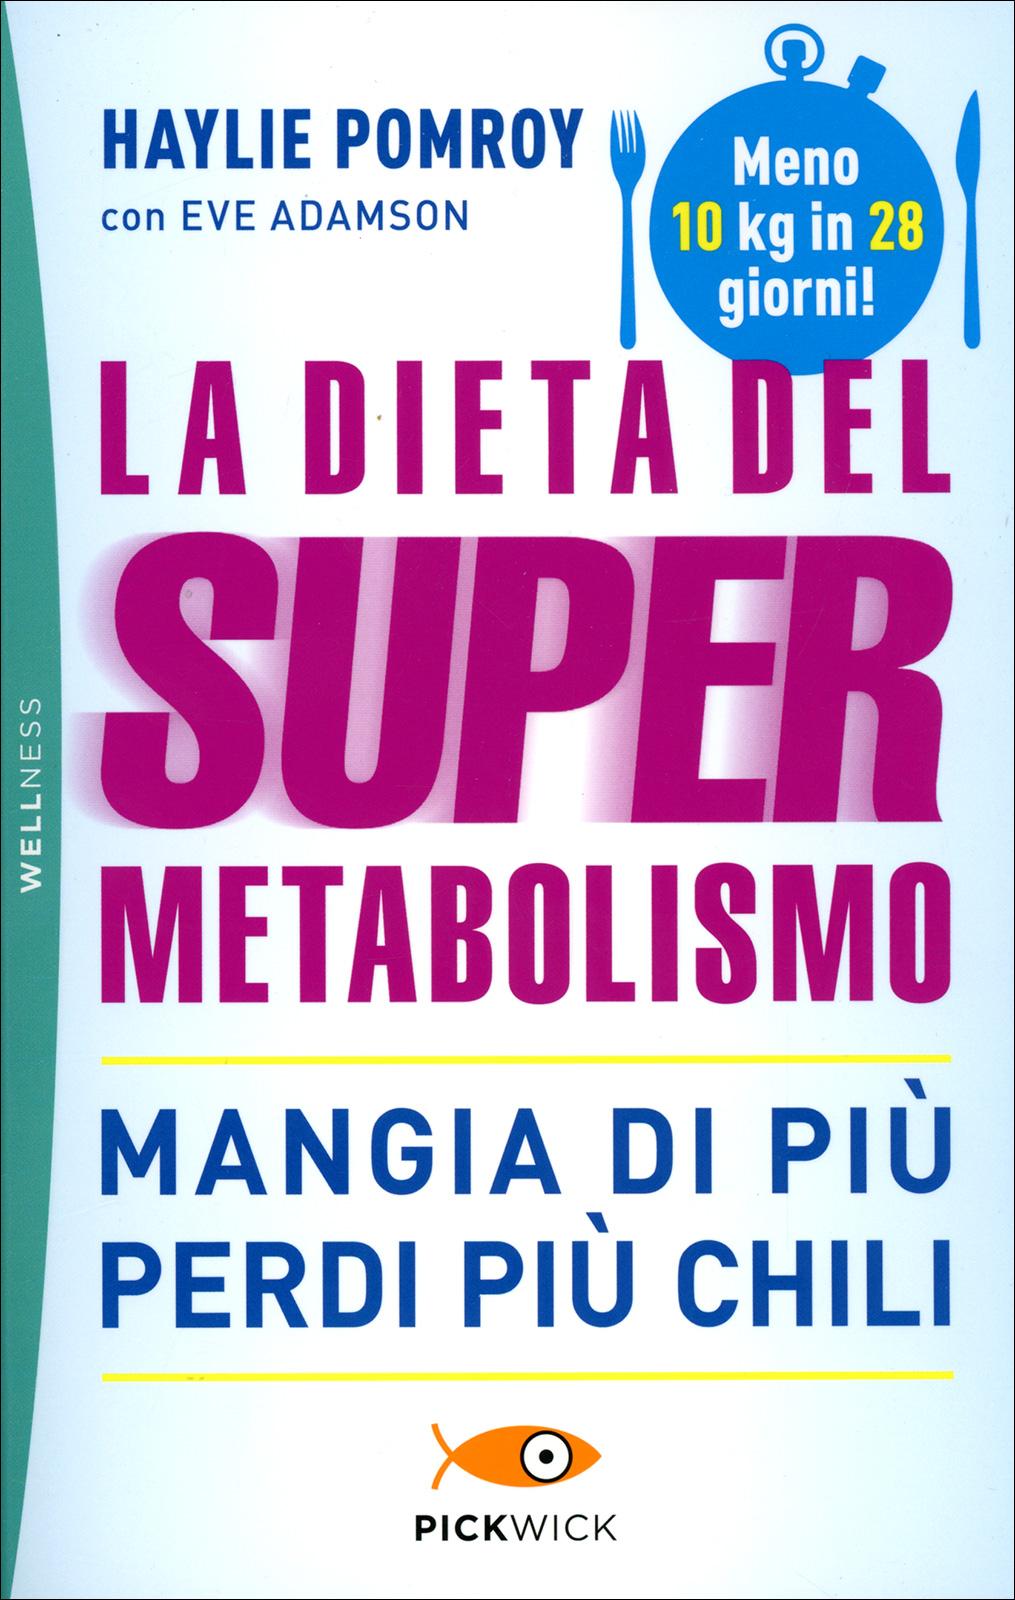 recensioni di dieta attiva